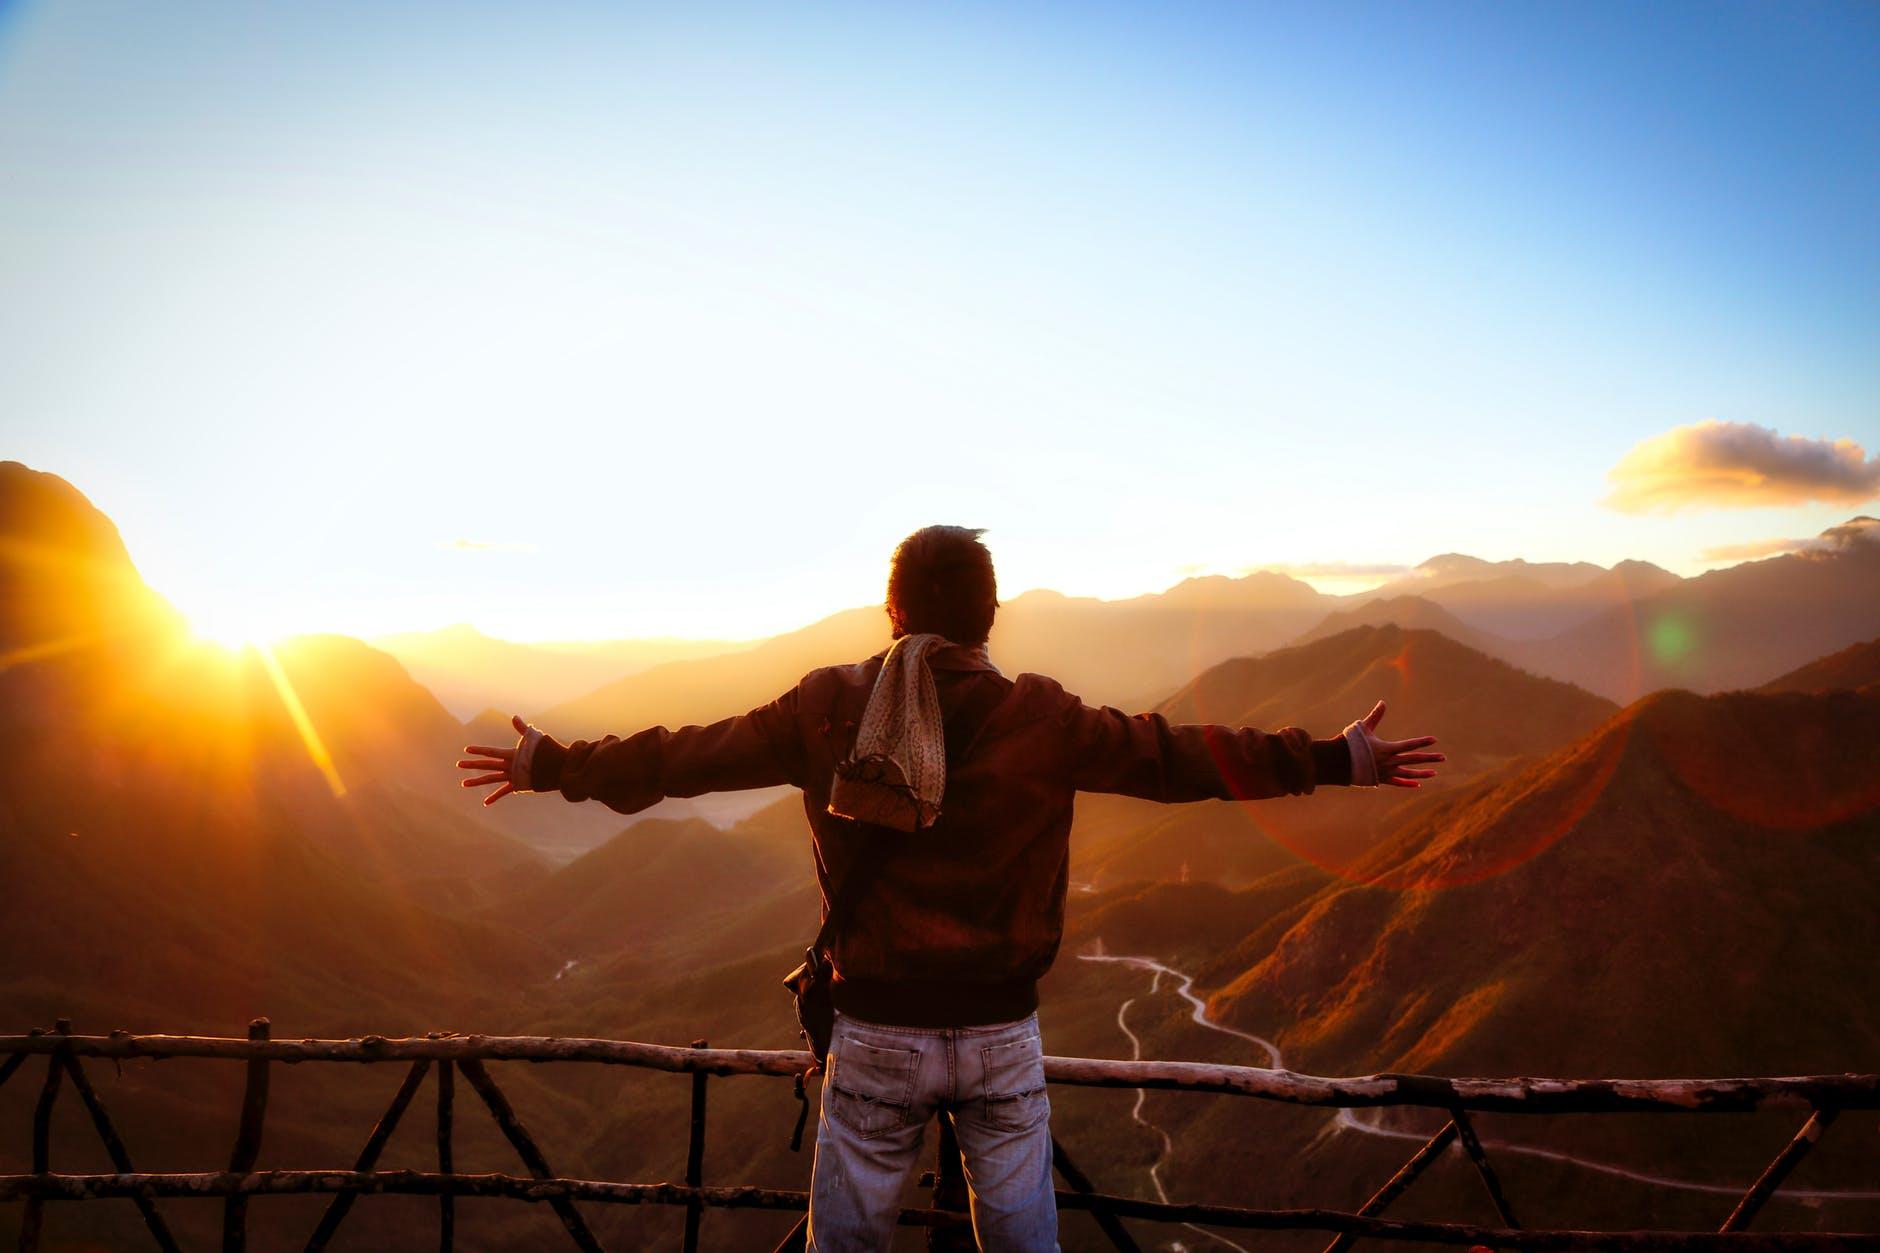 La libertà che va oltre i limiti imposti